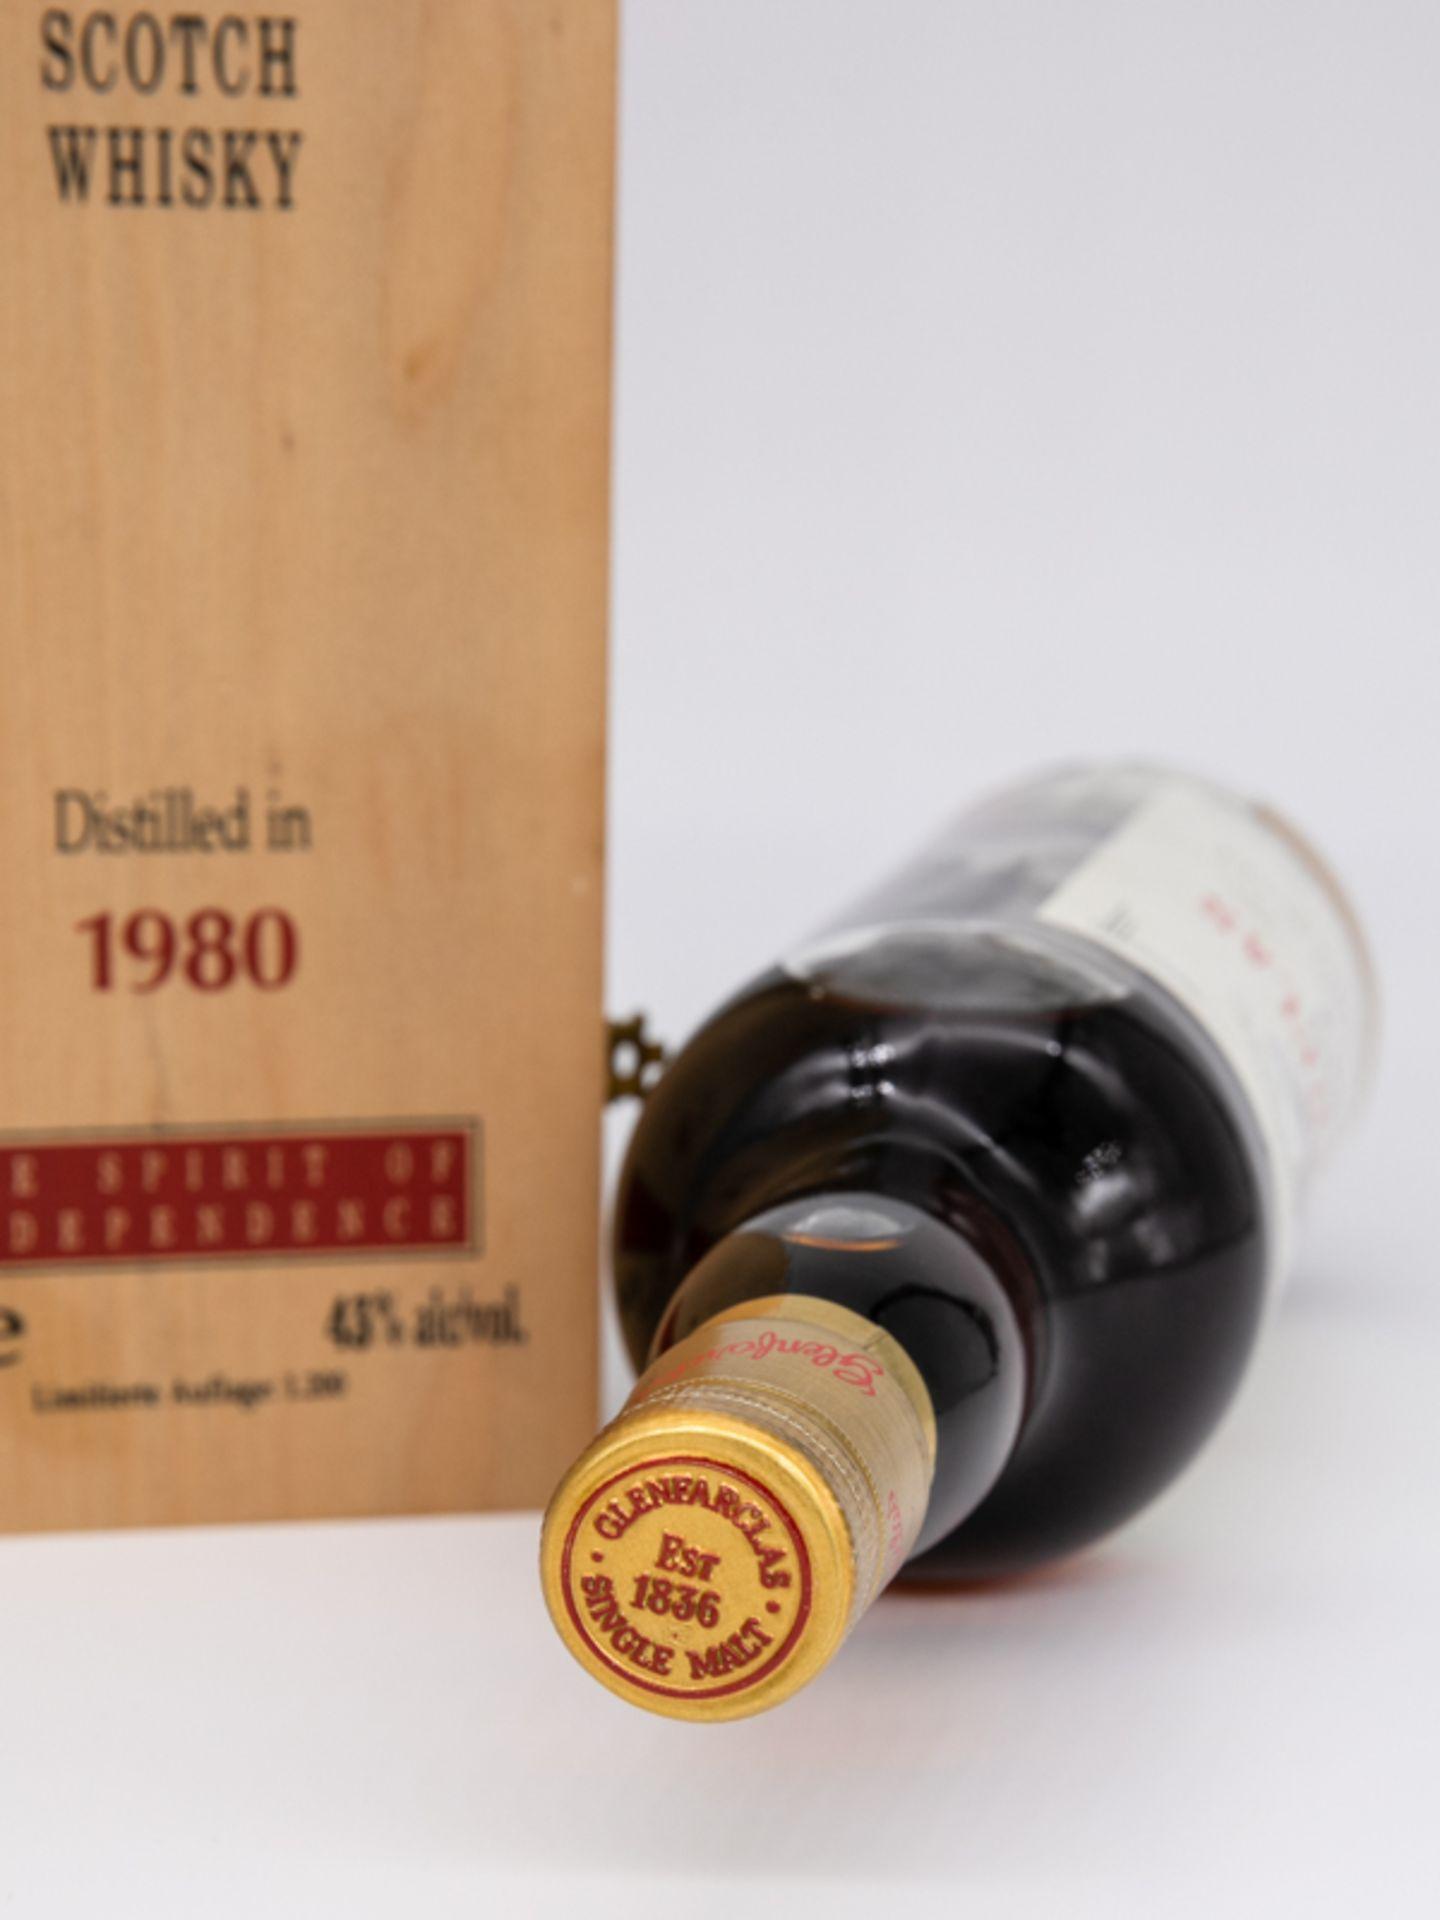 """Single Malt Whisky,""""Glenfarclas"""" Vintage 1980, Limitierte Auflage 59/1200. Destilliert 23. Deze - Bild 4 aus 6"""